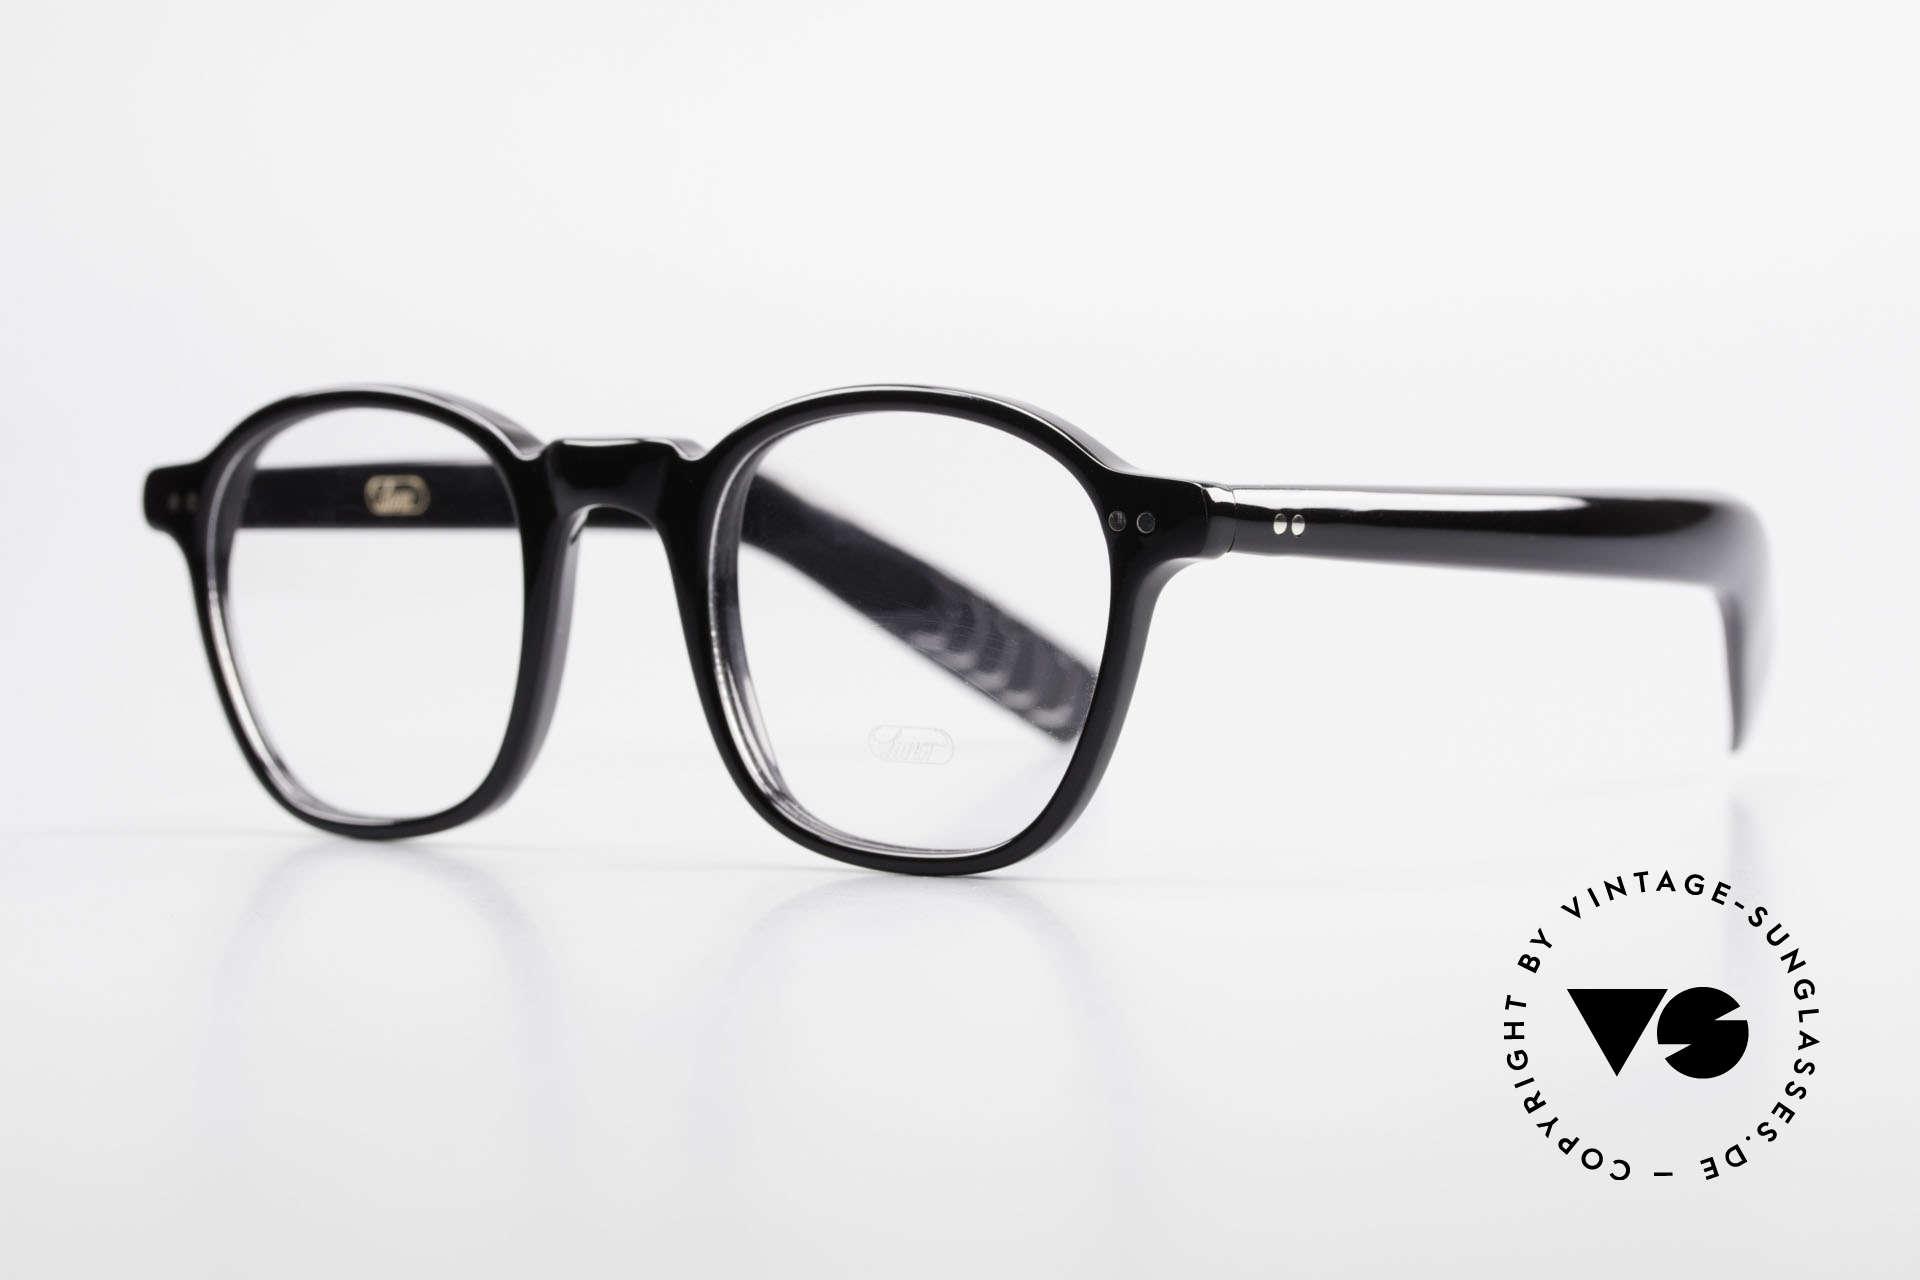 Lunor A51 James Dean Johnny Depp Brille, ähnlich der alten 'Tart Optical Arnel' aus den 50/60ern, Passend für Herren